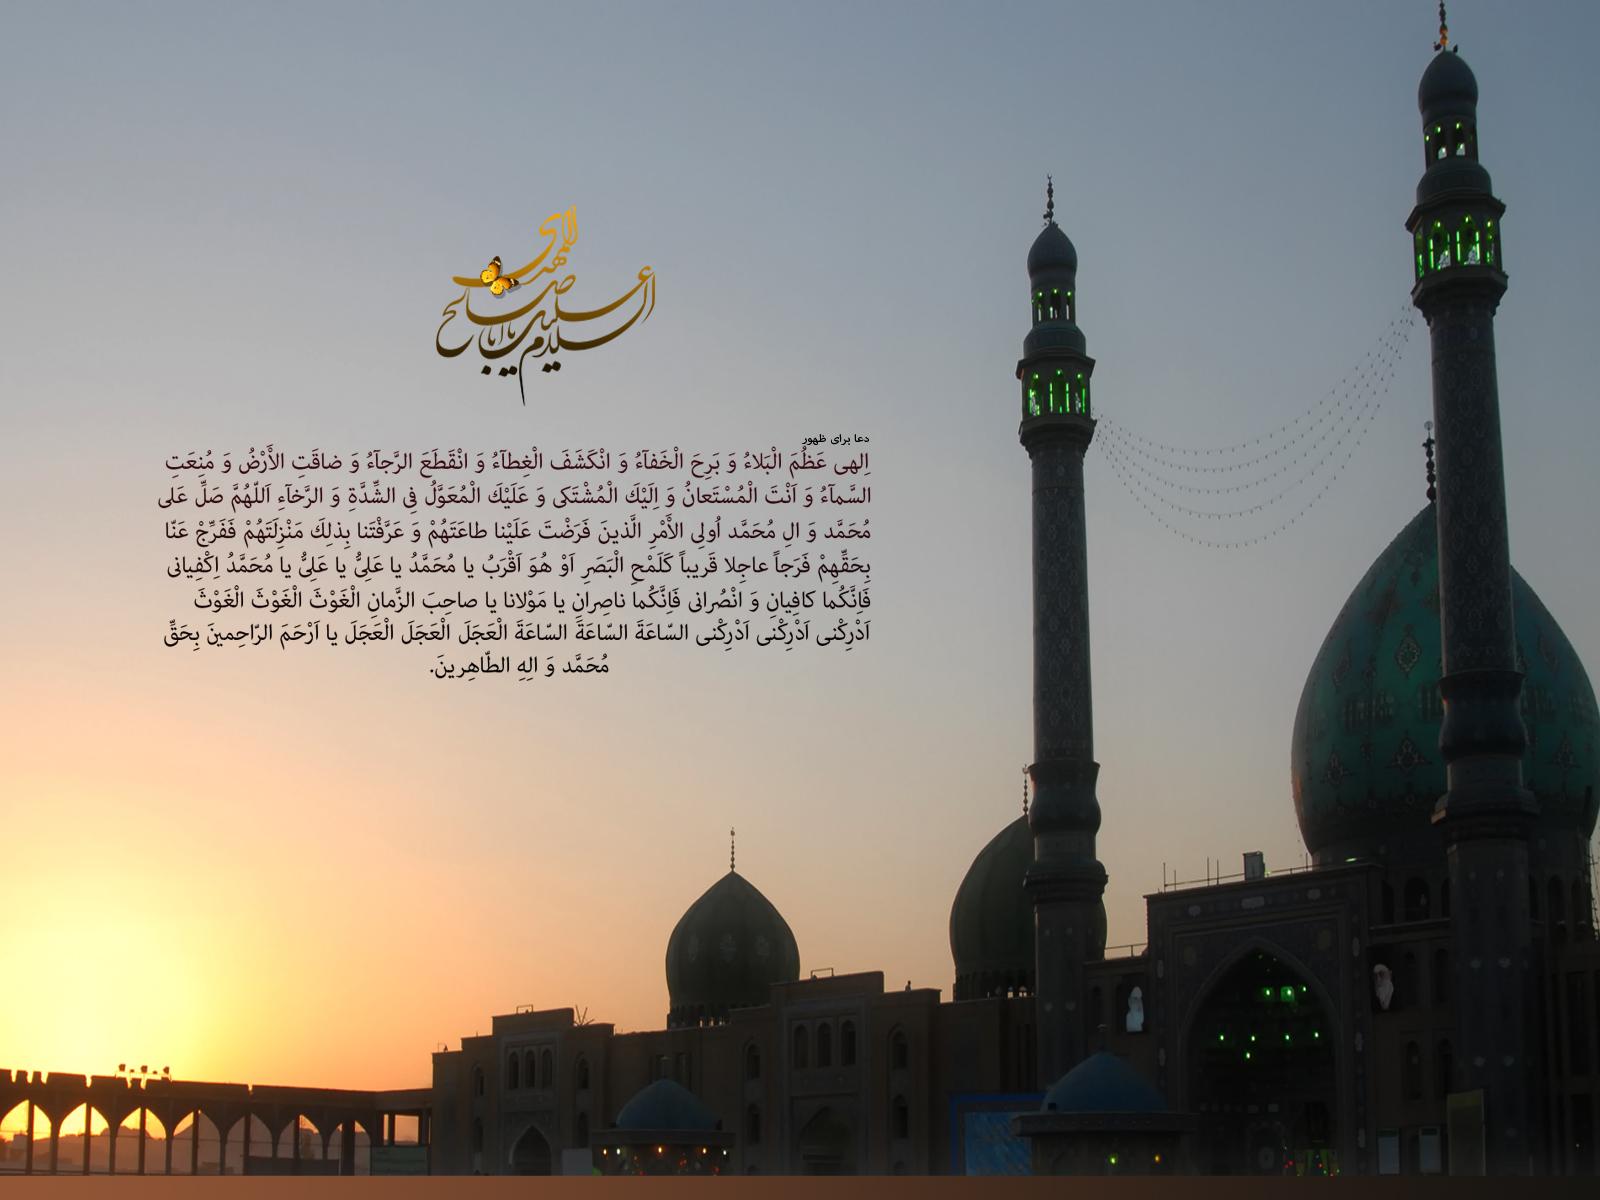 mmasjed_jamkaran_by_ostadreza_www.yasinmedia.com